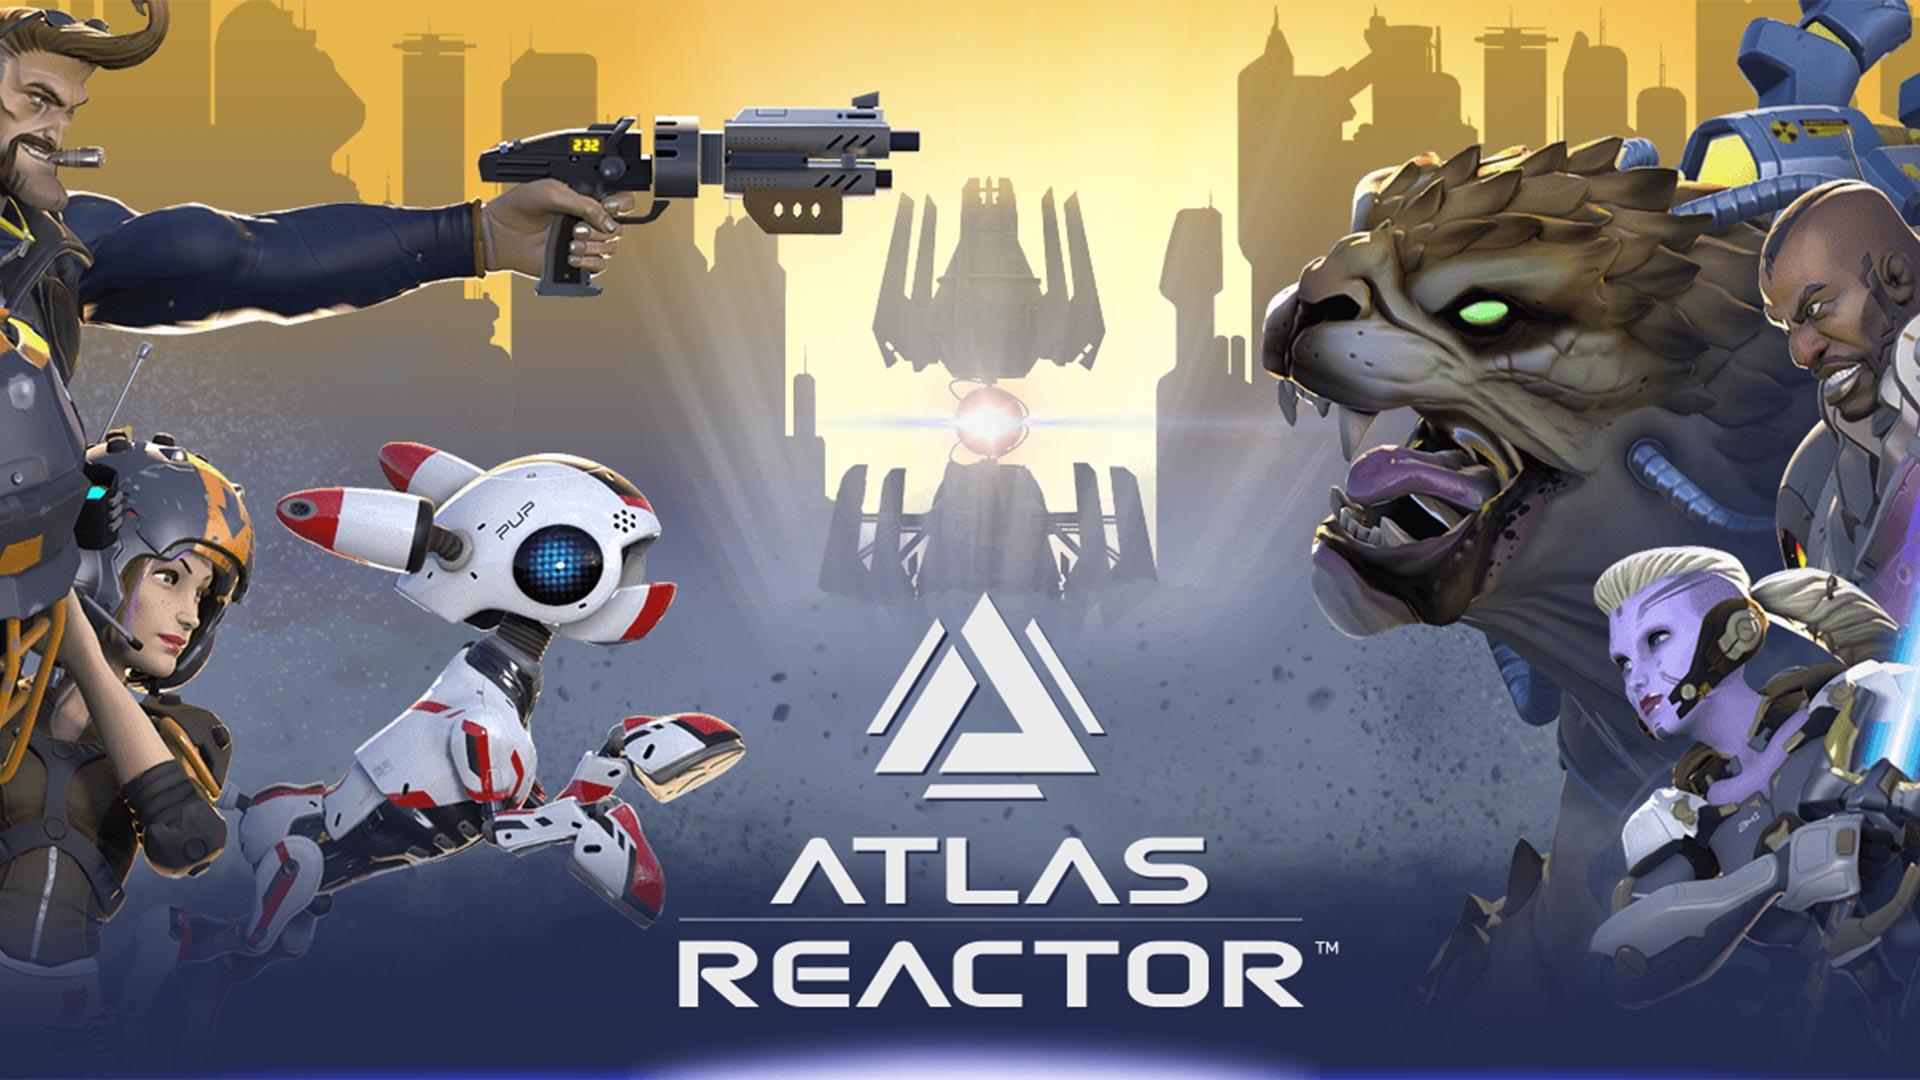 Atlas Reactor: Erster Jahrestag, Staffel 4 startet am 10. Oktober